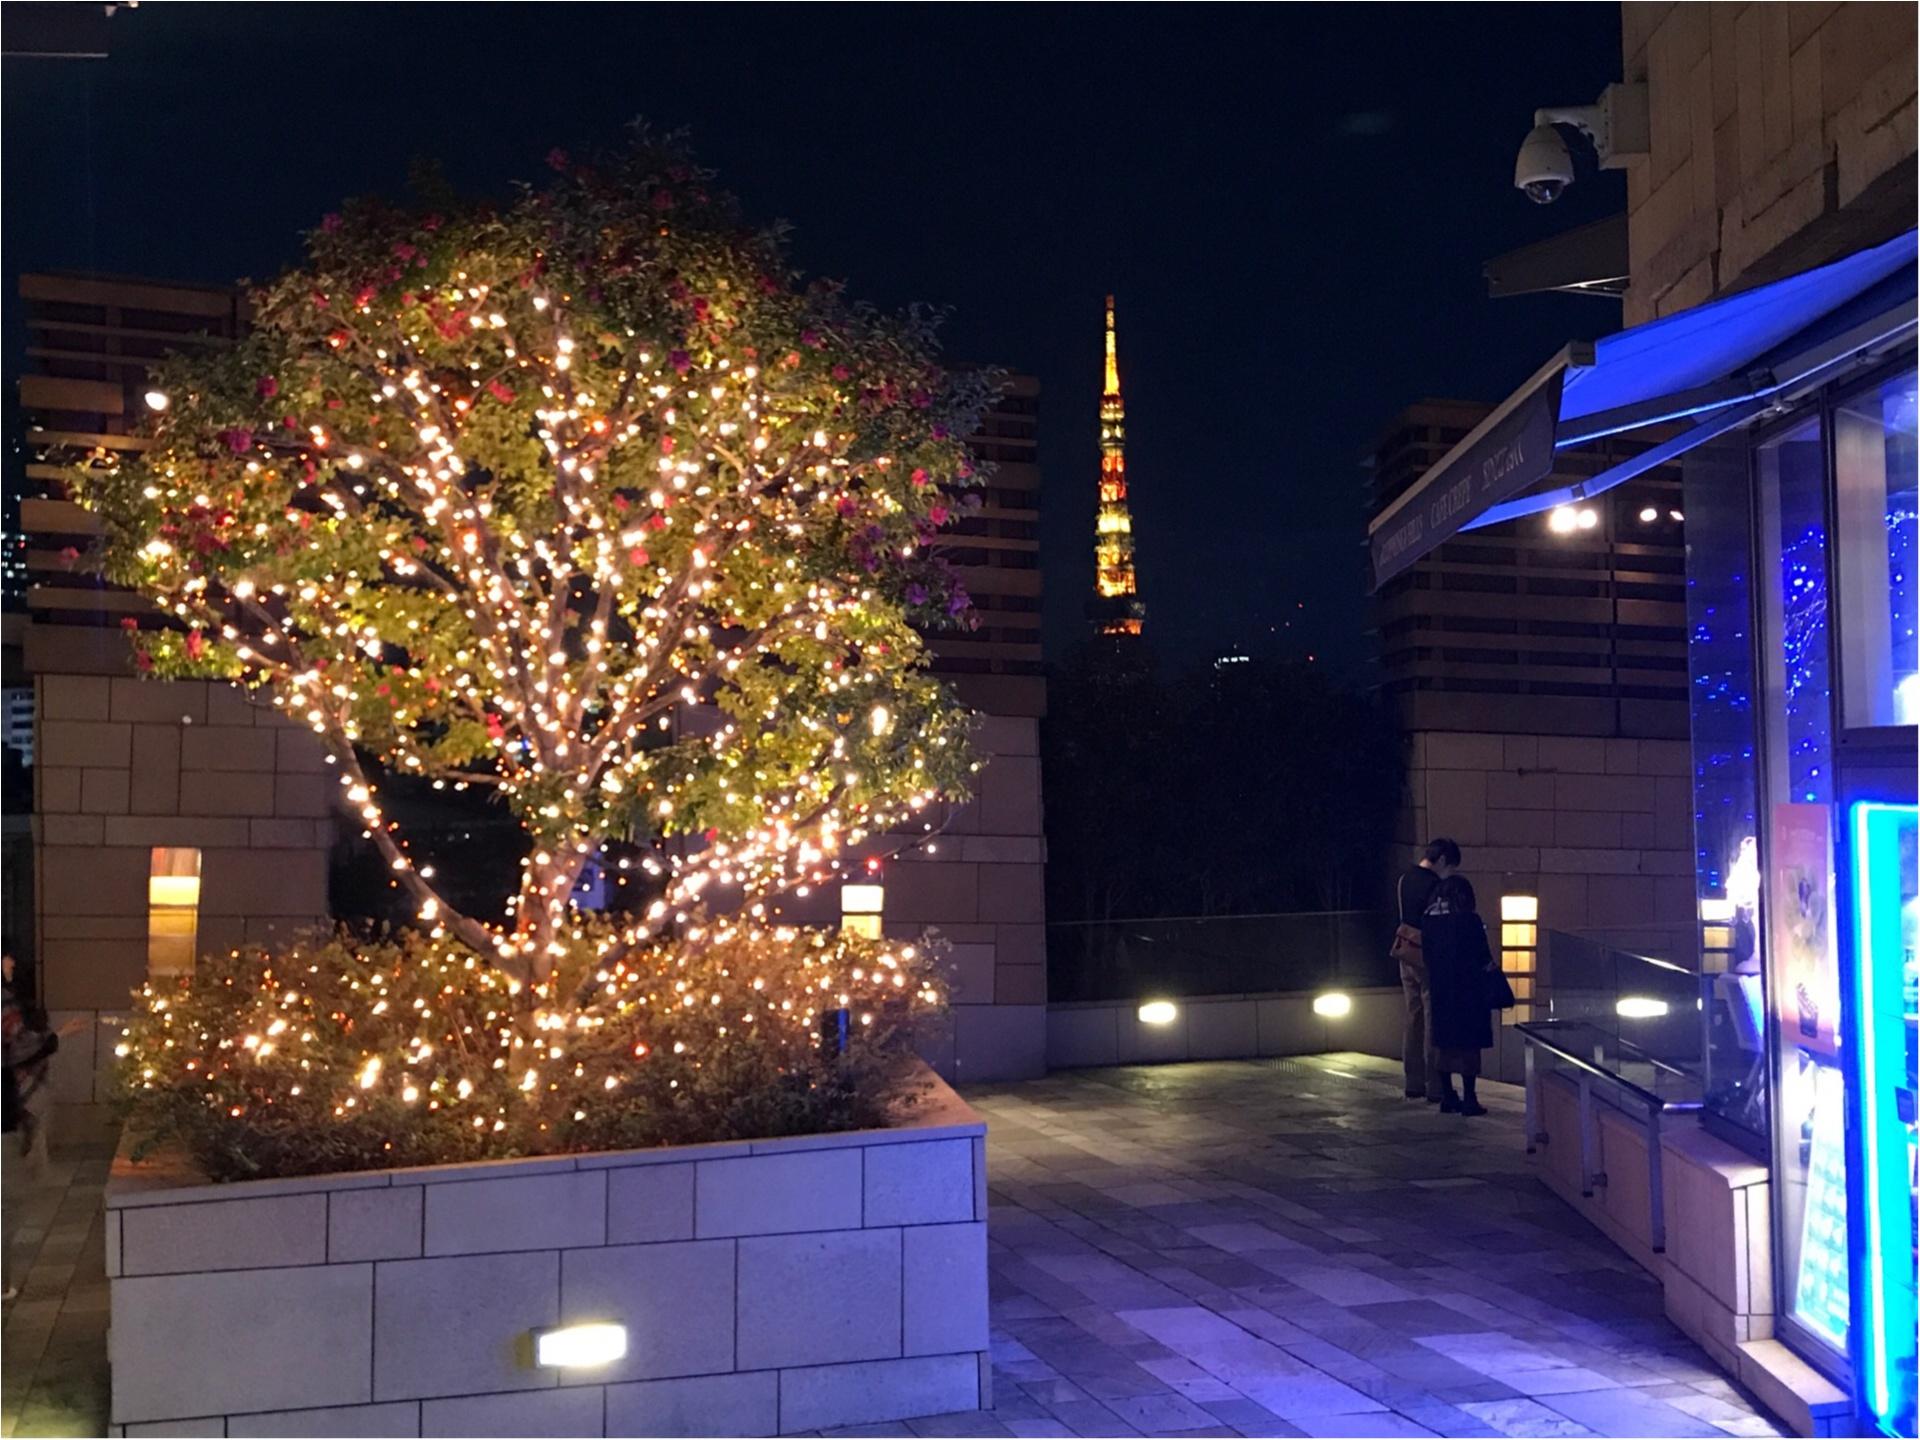 六本木の冬の風物詩【けやき坂イルミネーション】東京タワーとのコラボが幻想的♡_4